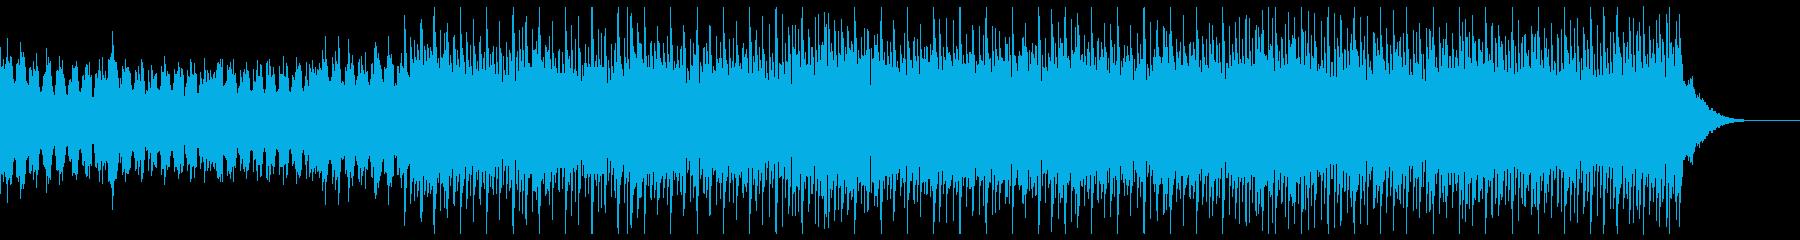 エレクトロチックな四つ打ちの再生済みの波形